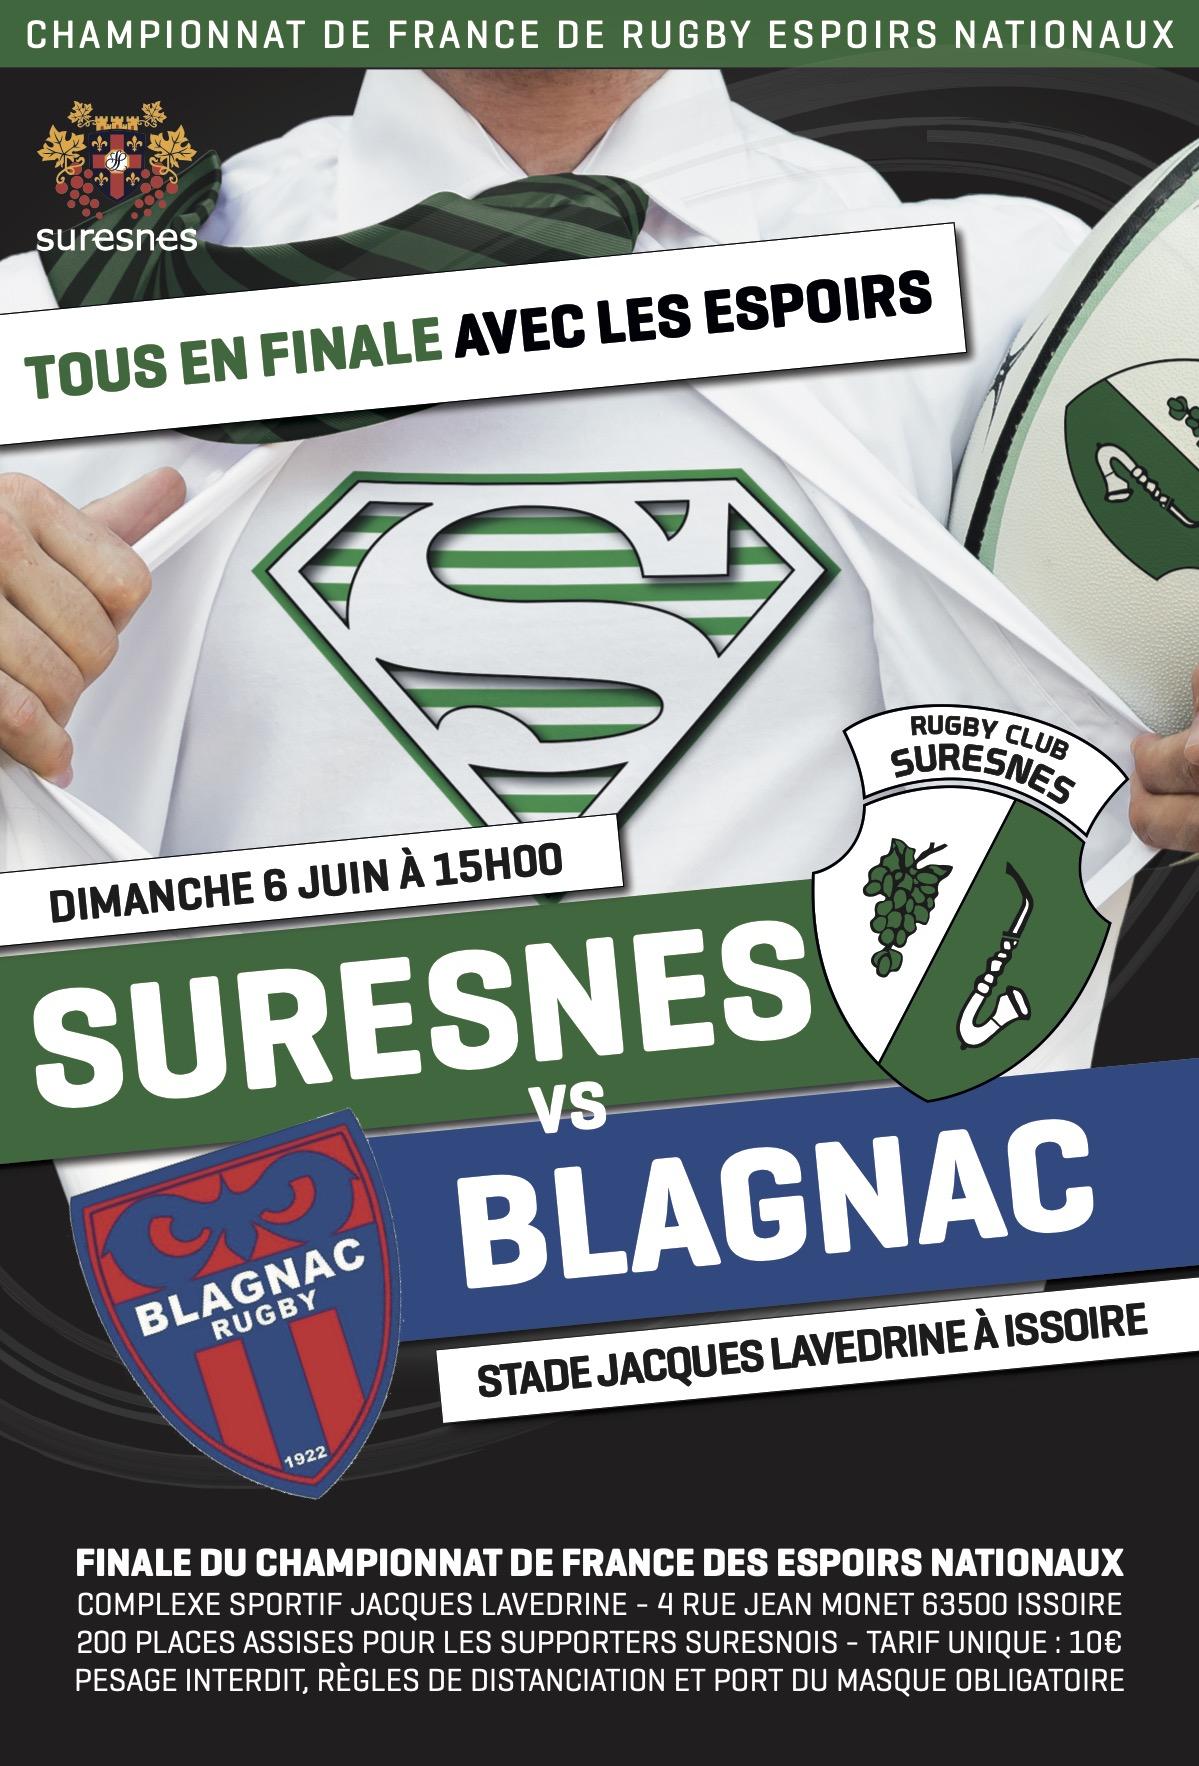 Finale du Championnat de France de rugby Espoirs Nationaux - Suresnes / Blagnac